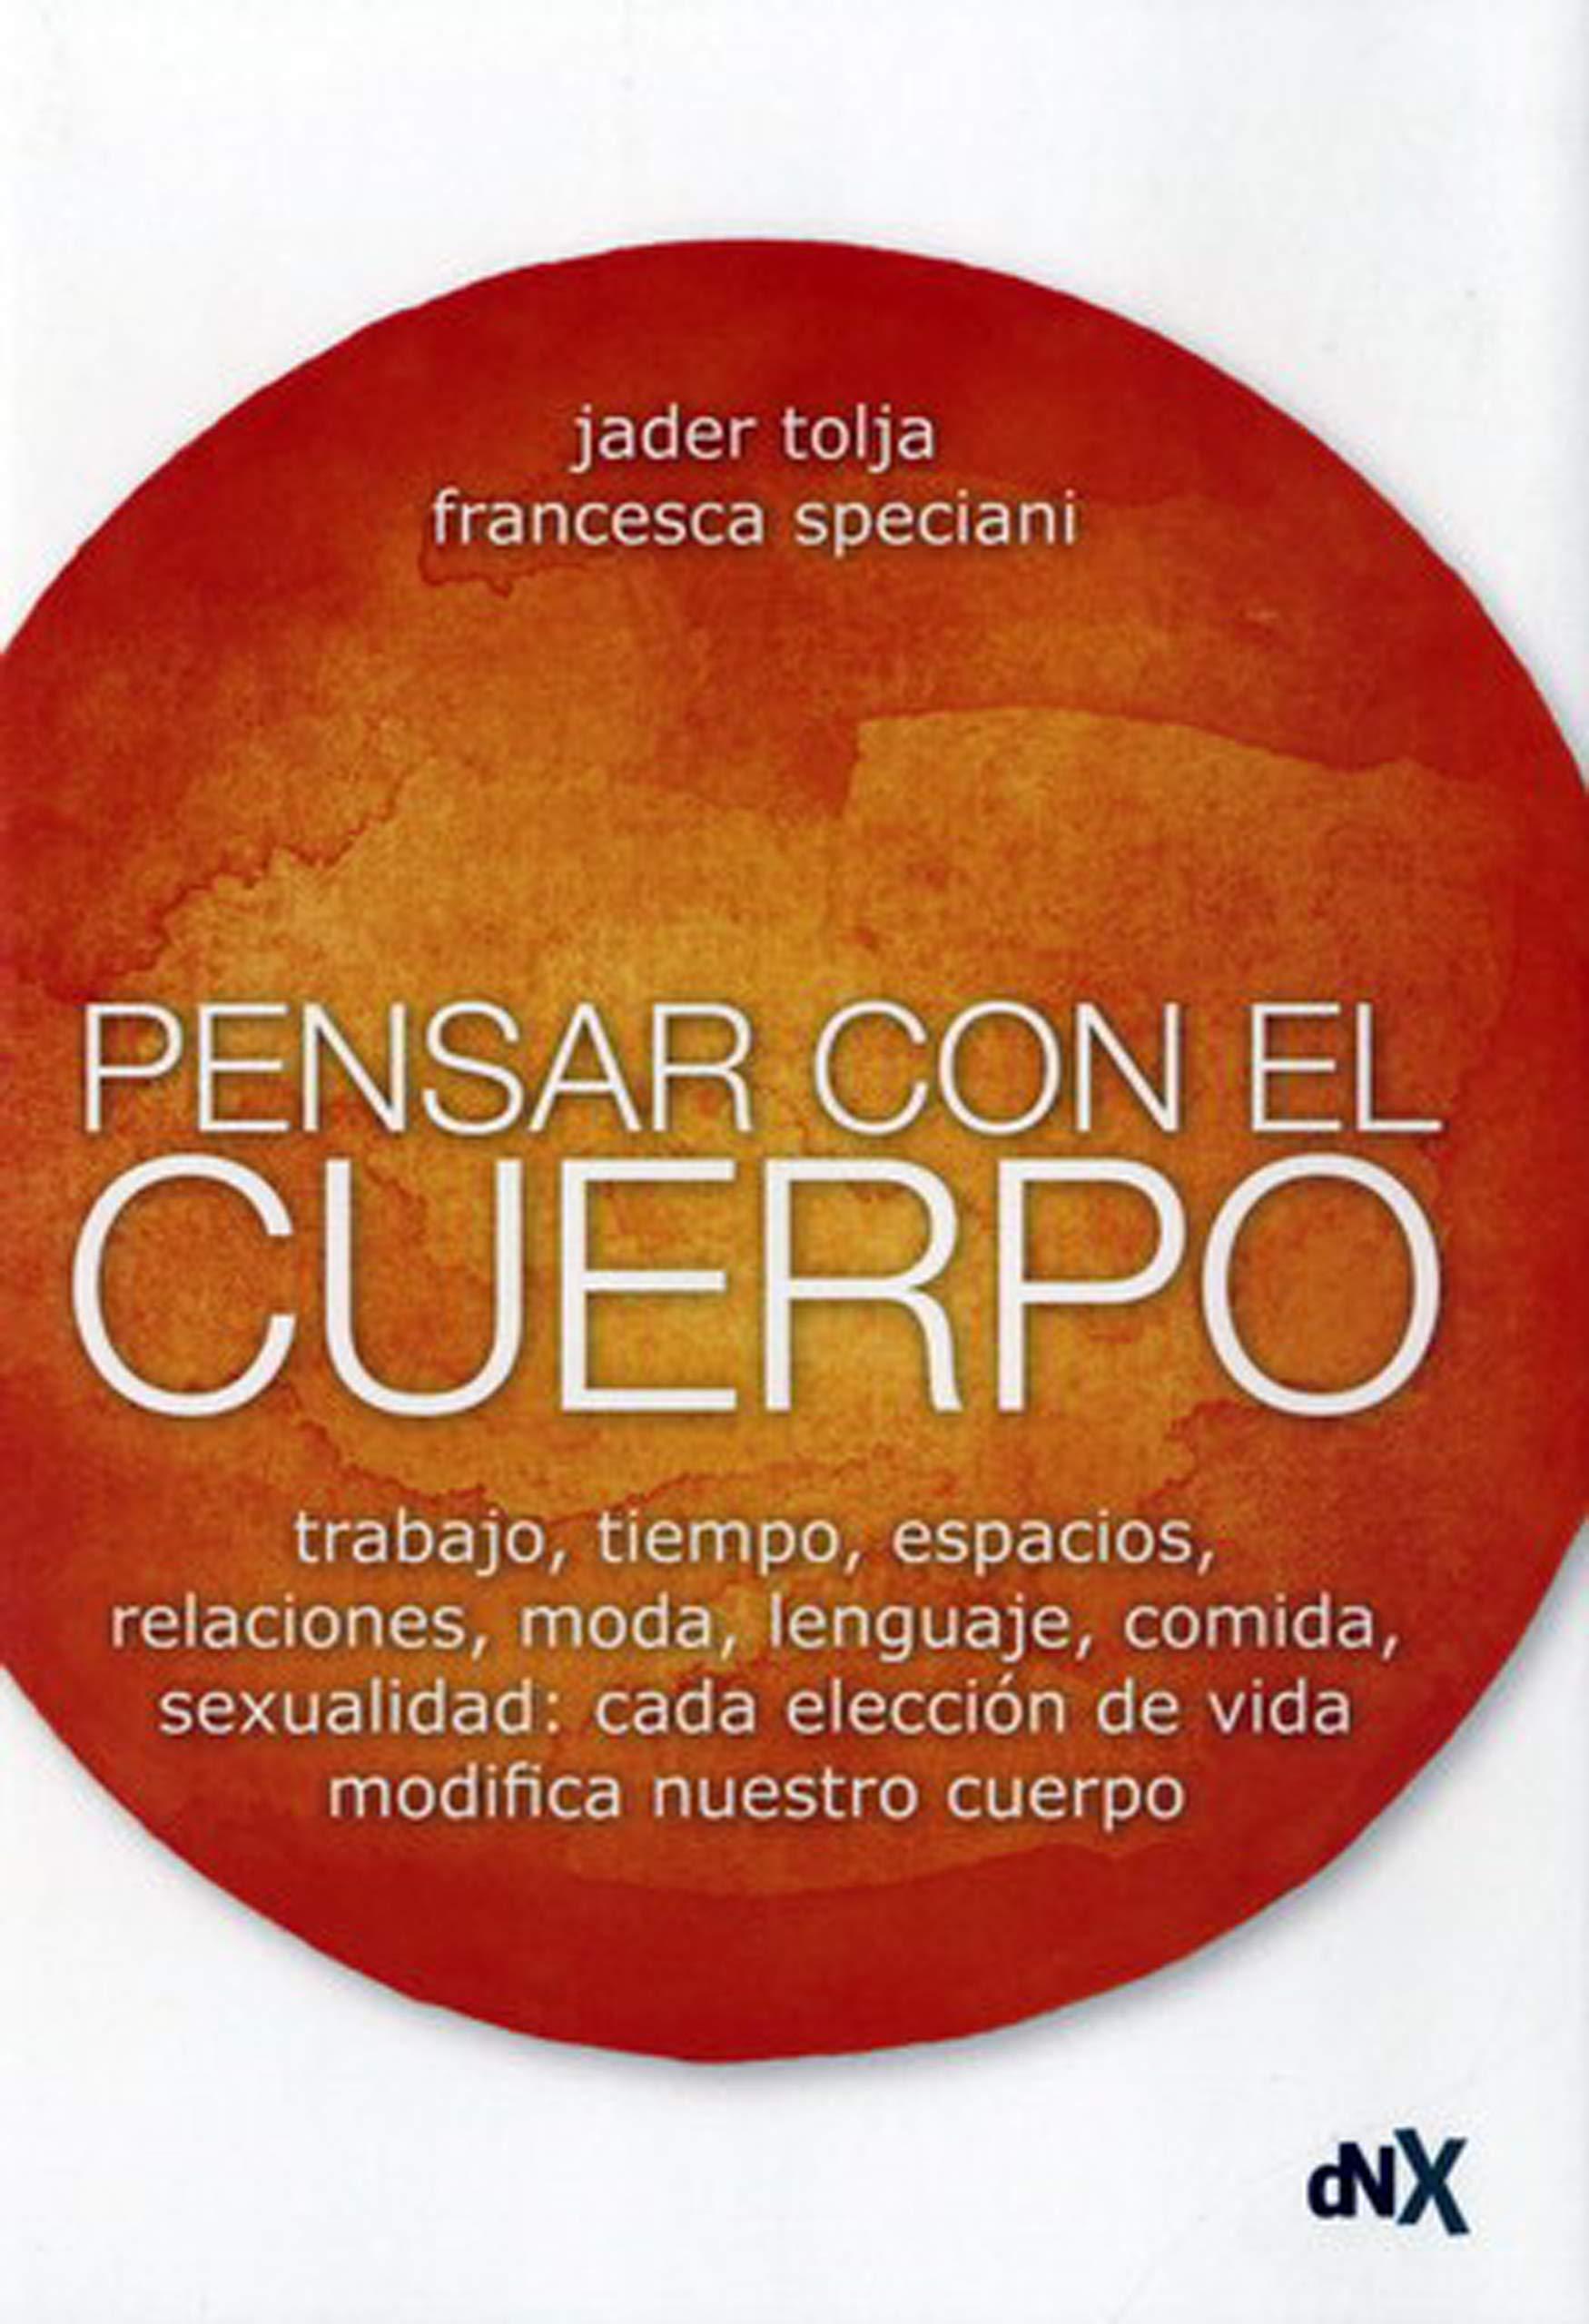 Pensar con el cuerpo Resiliencia y superación personal: Amazon.es: Tolja, Jader, Speciani, Francesca: Libros